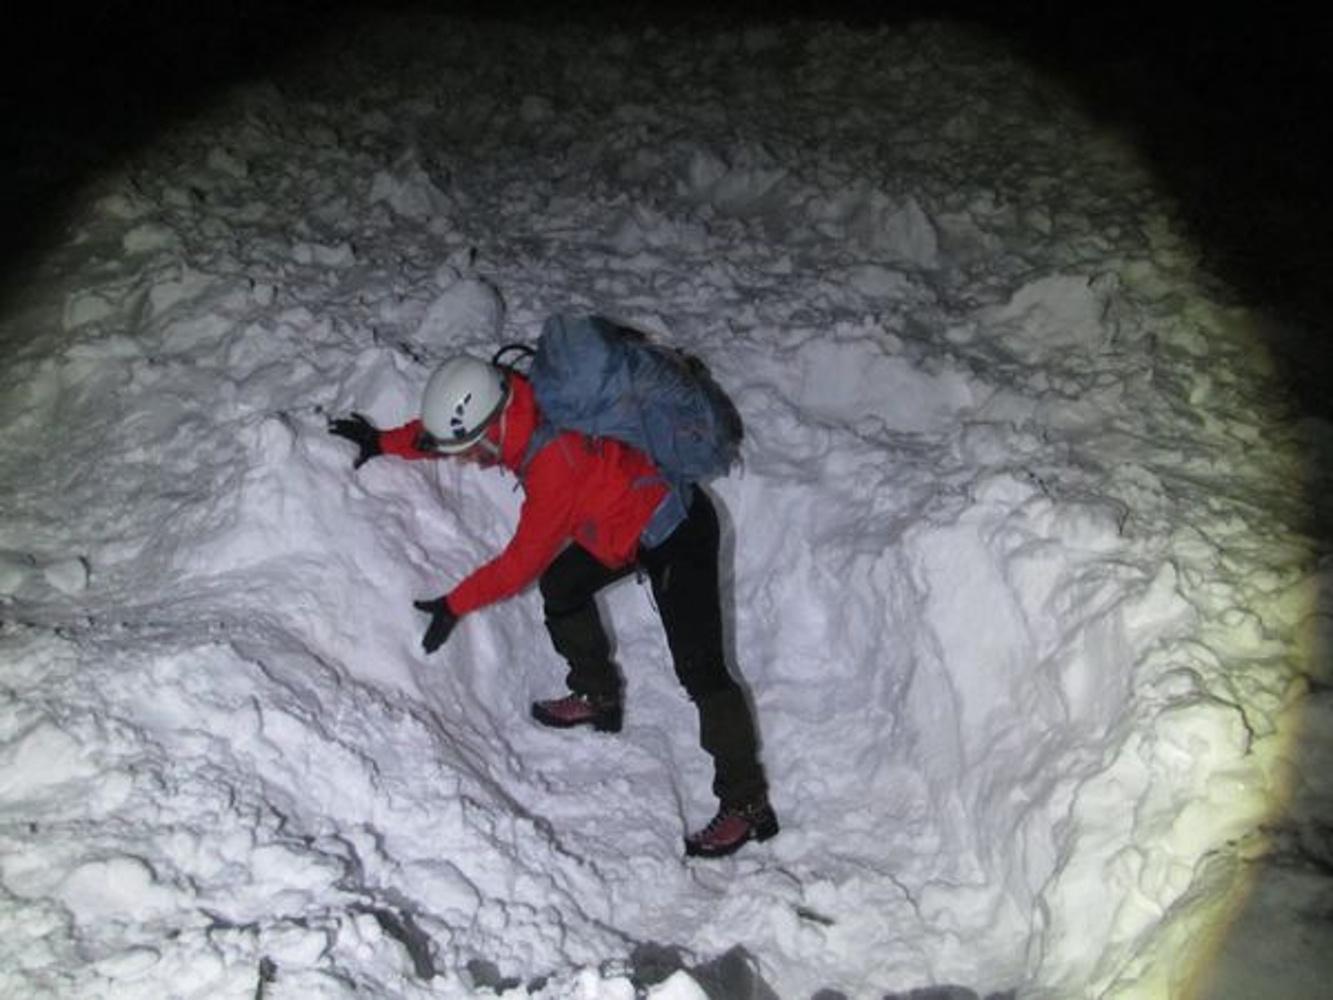 Προειδοποίηση από την Ελληνική Ομάδα Διάσωσης: Μεγάλος ο κίνδυνος από τις χιονοστιβάδες